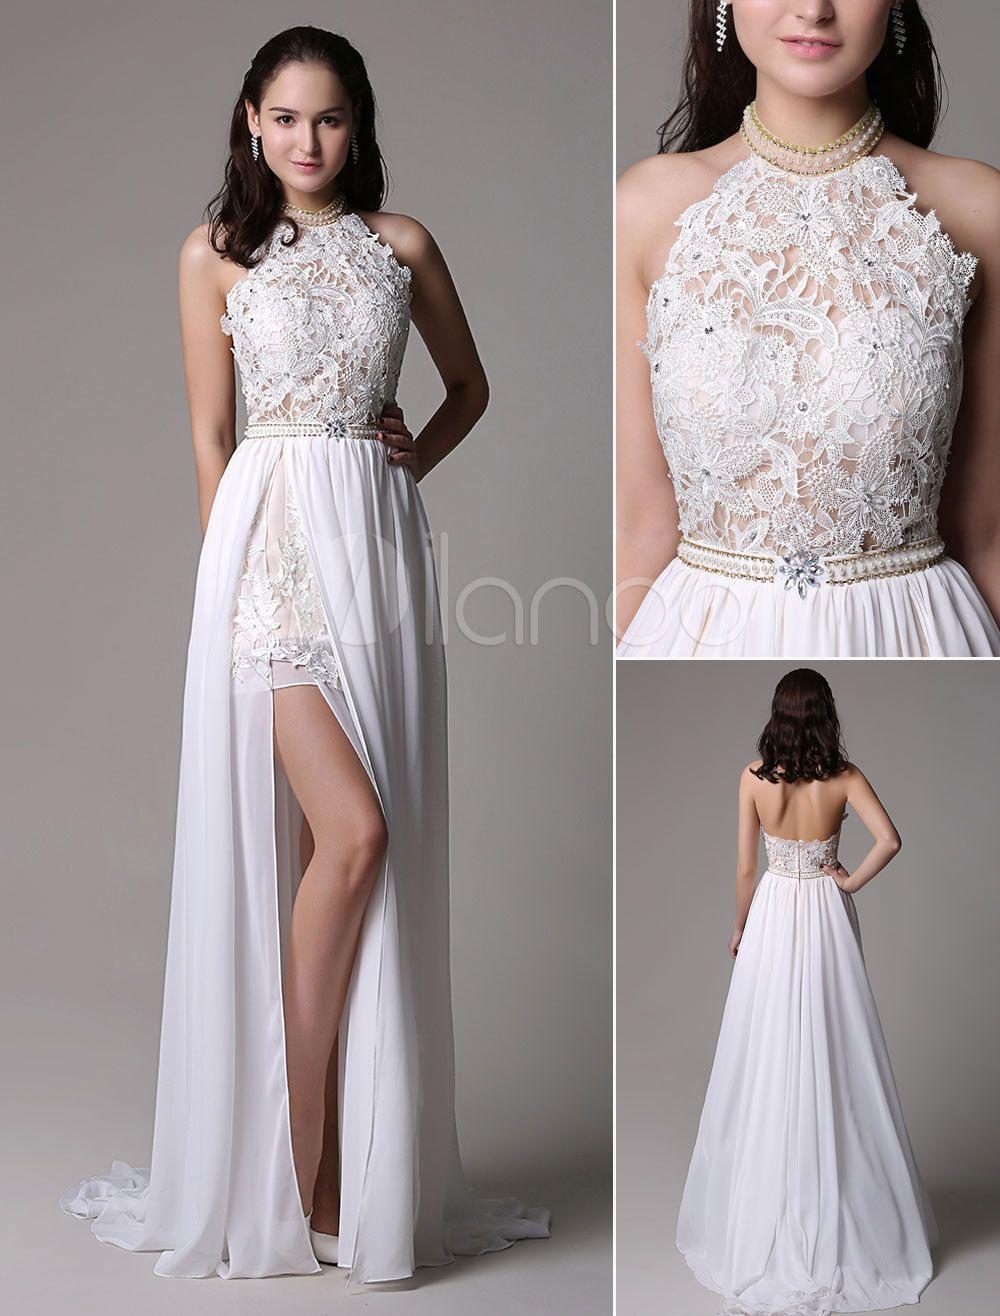 15 Elegant Abendkleider In Weiß ÄrmelAbend Kreativ Abendkleider In Weiß Spezialgebiet